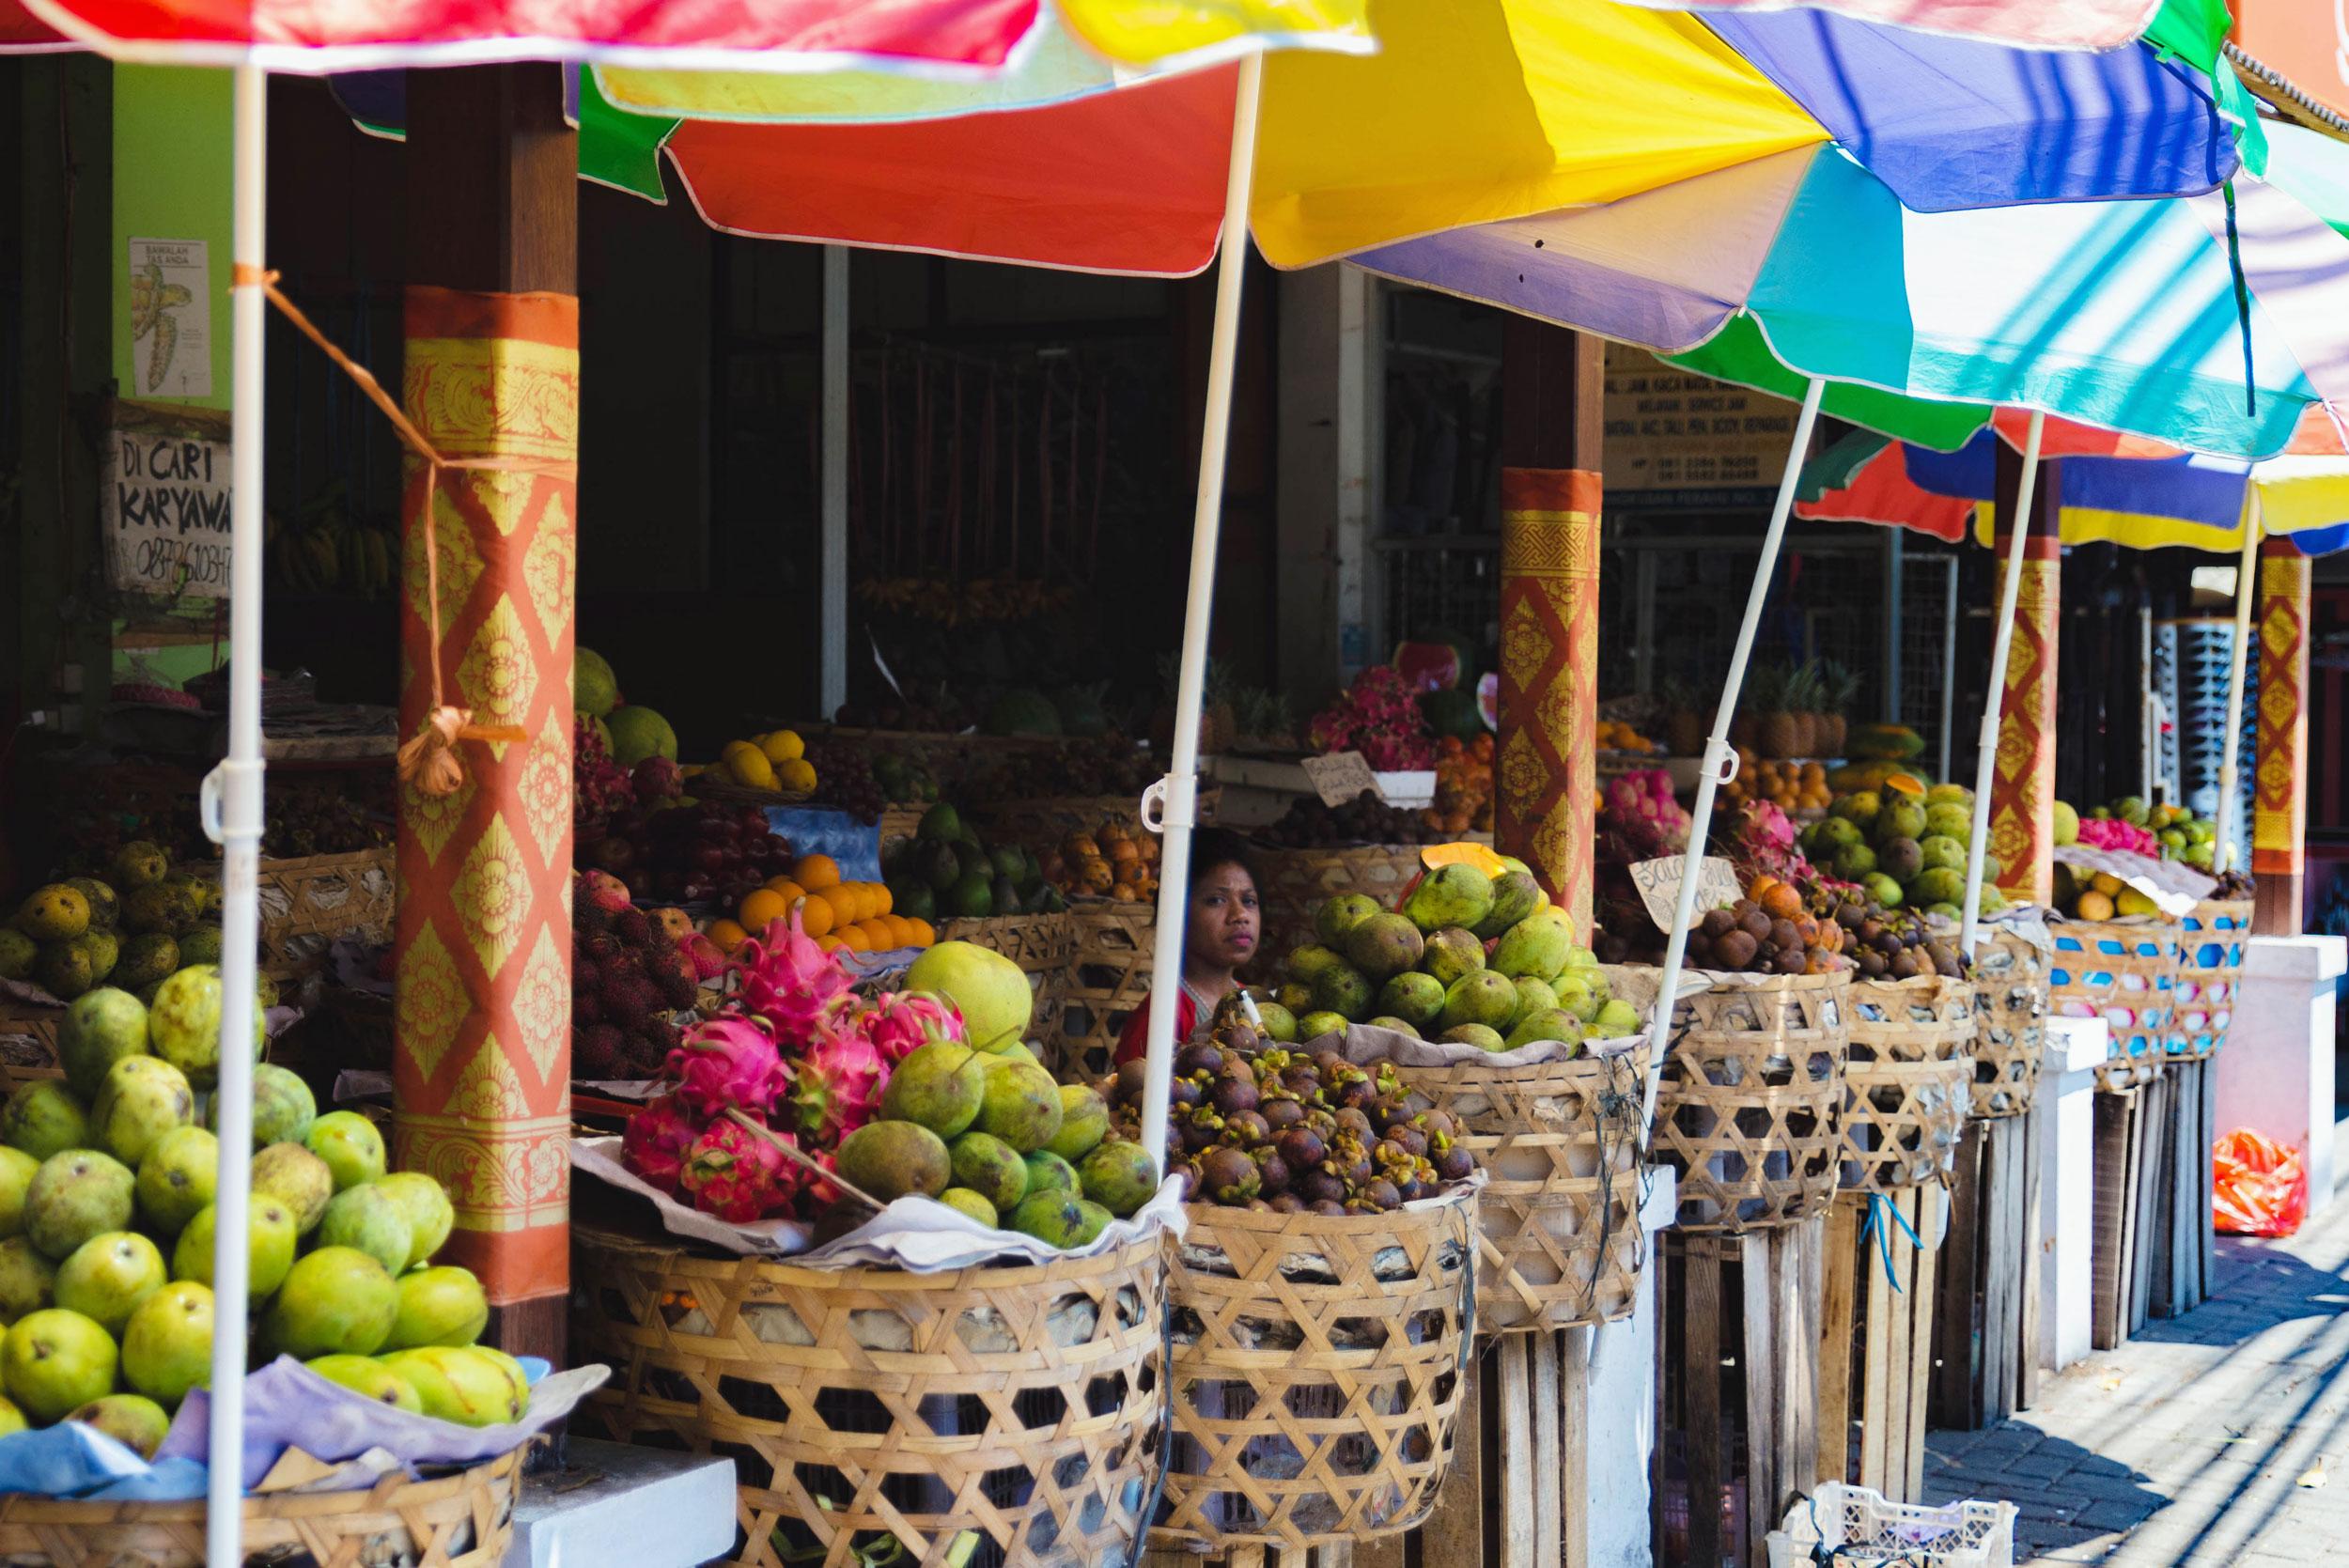 Fruit stand at Pasar Taman Sari market